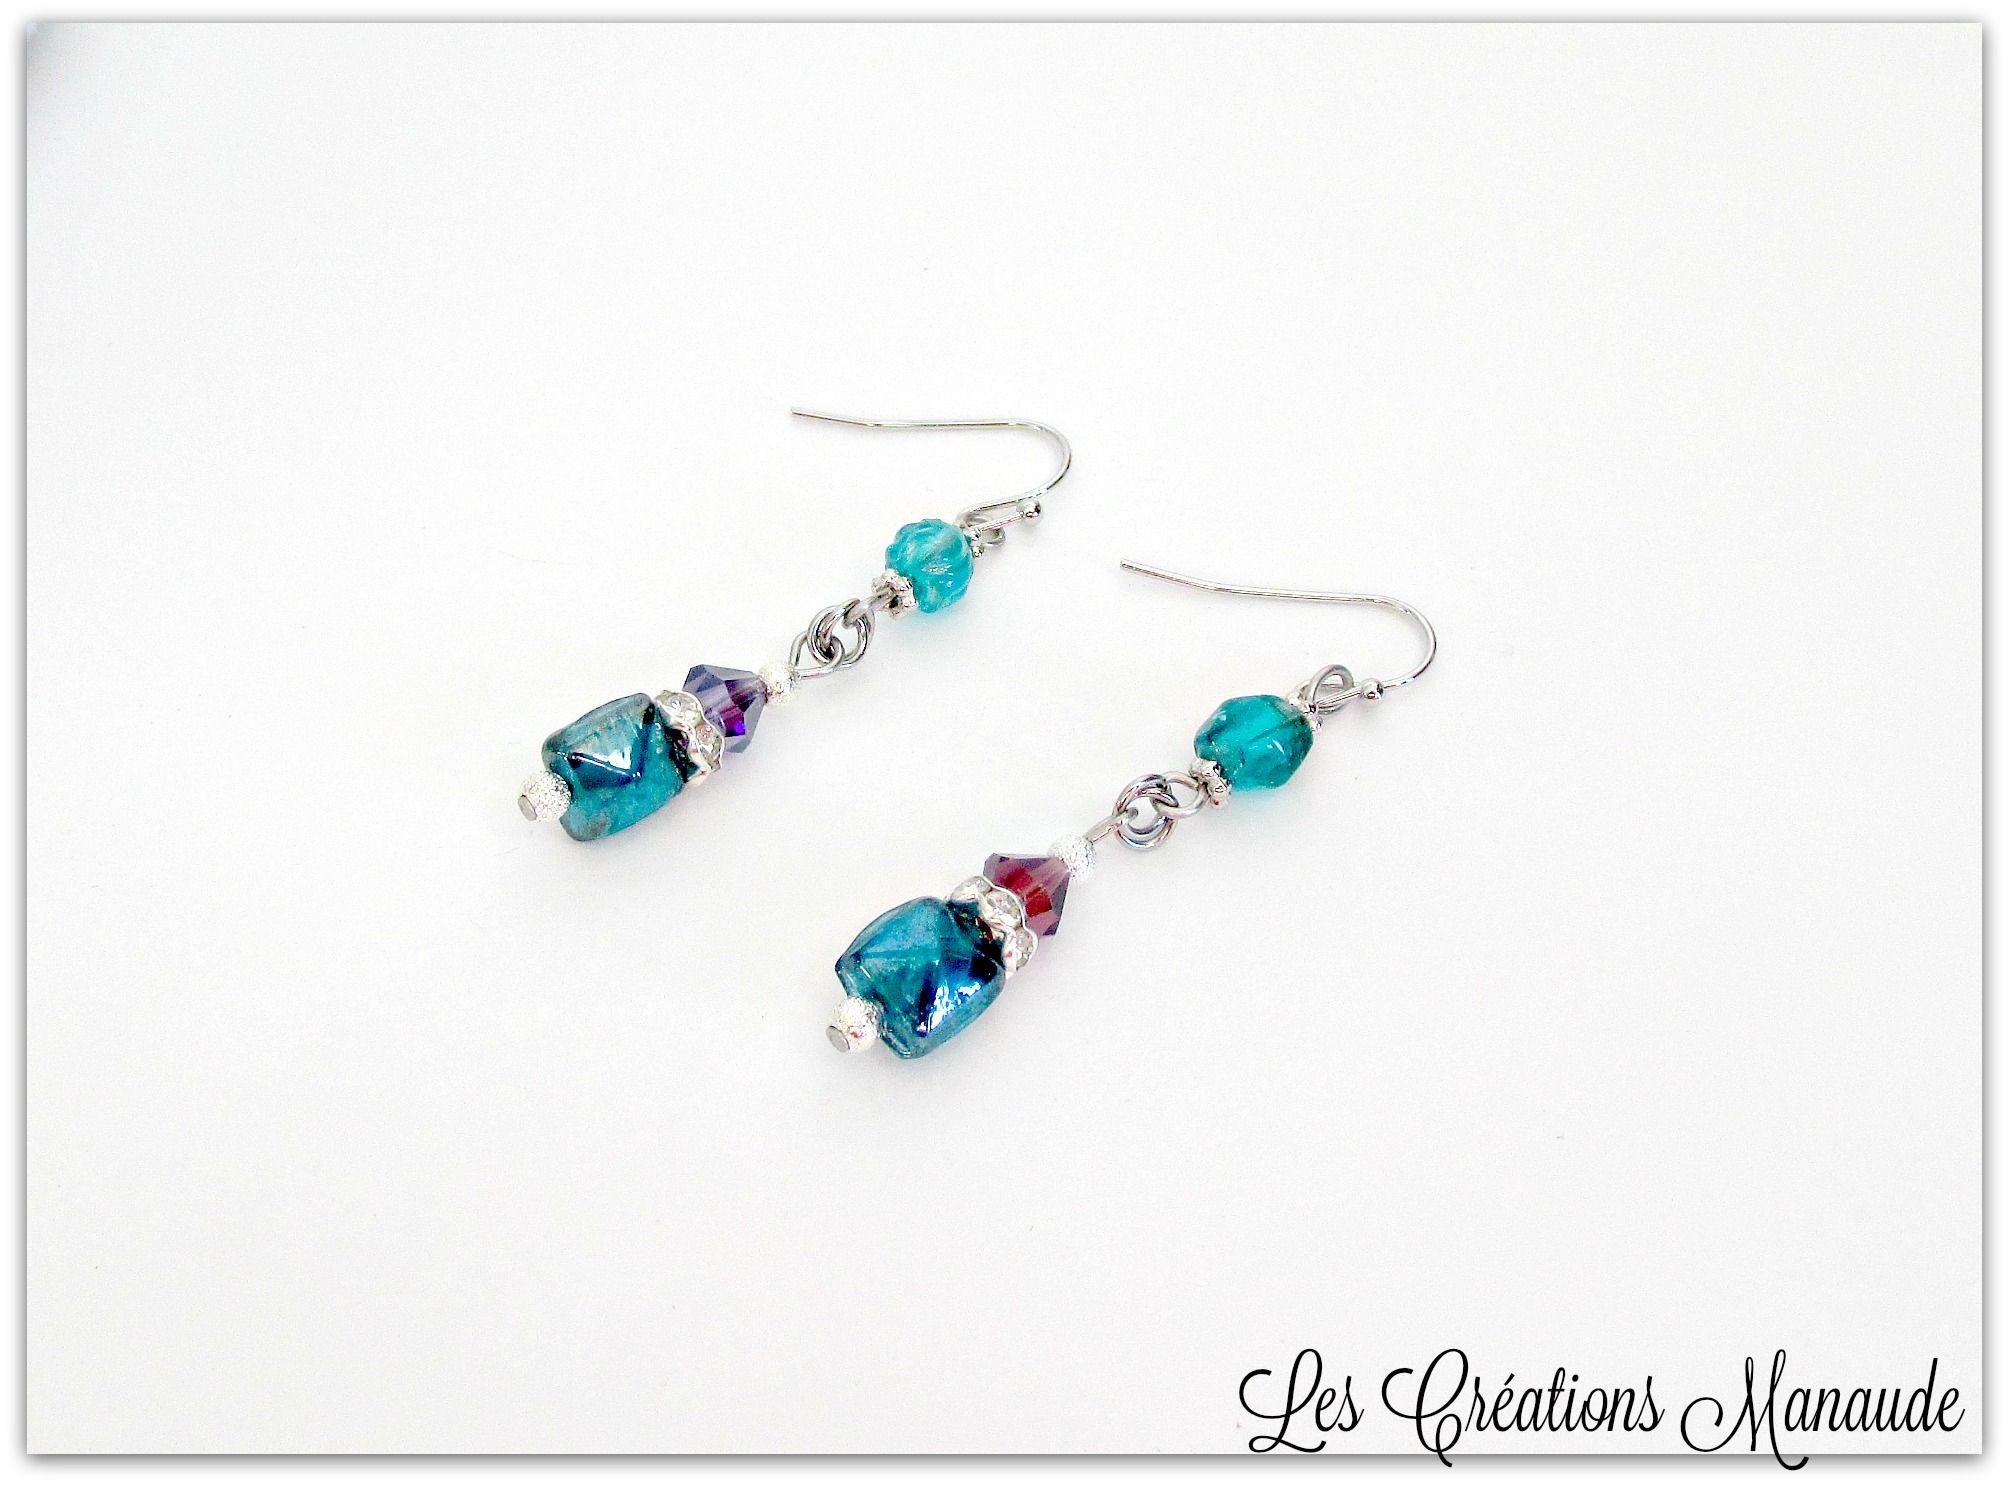 Boucle d'oreille bille de verre Murano bleu vert transparente, bleu turquoise opaque, cristal mauve AB. Les Créations Manaude